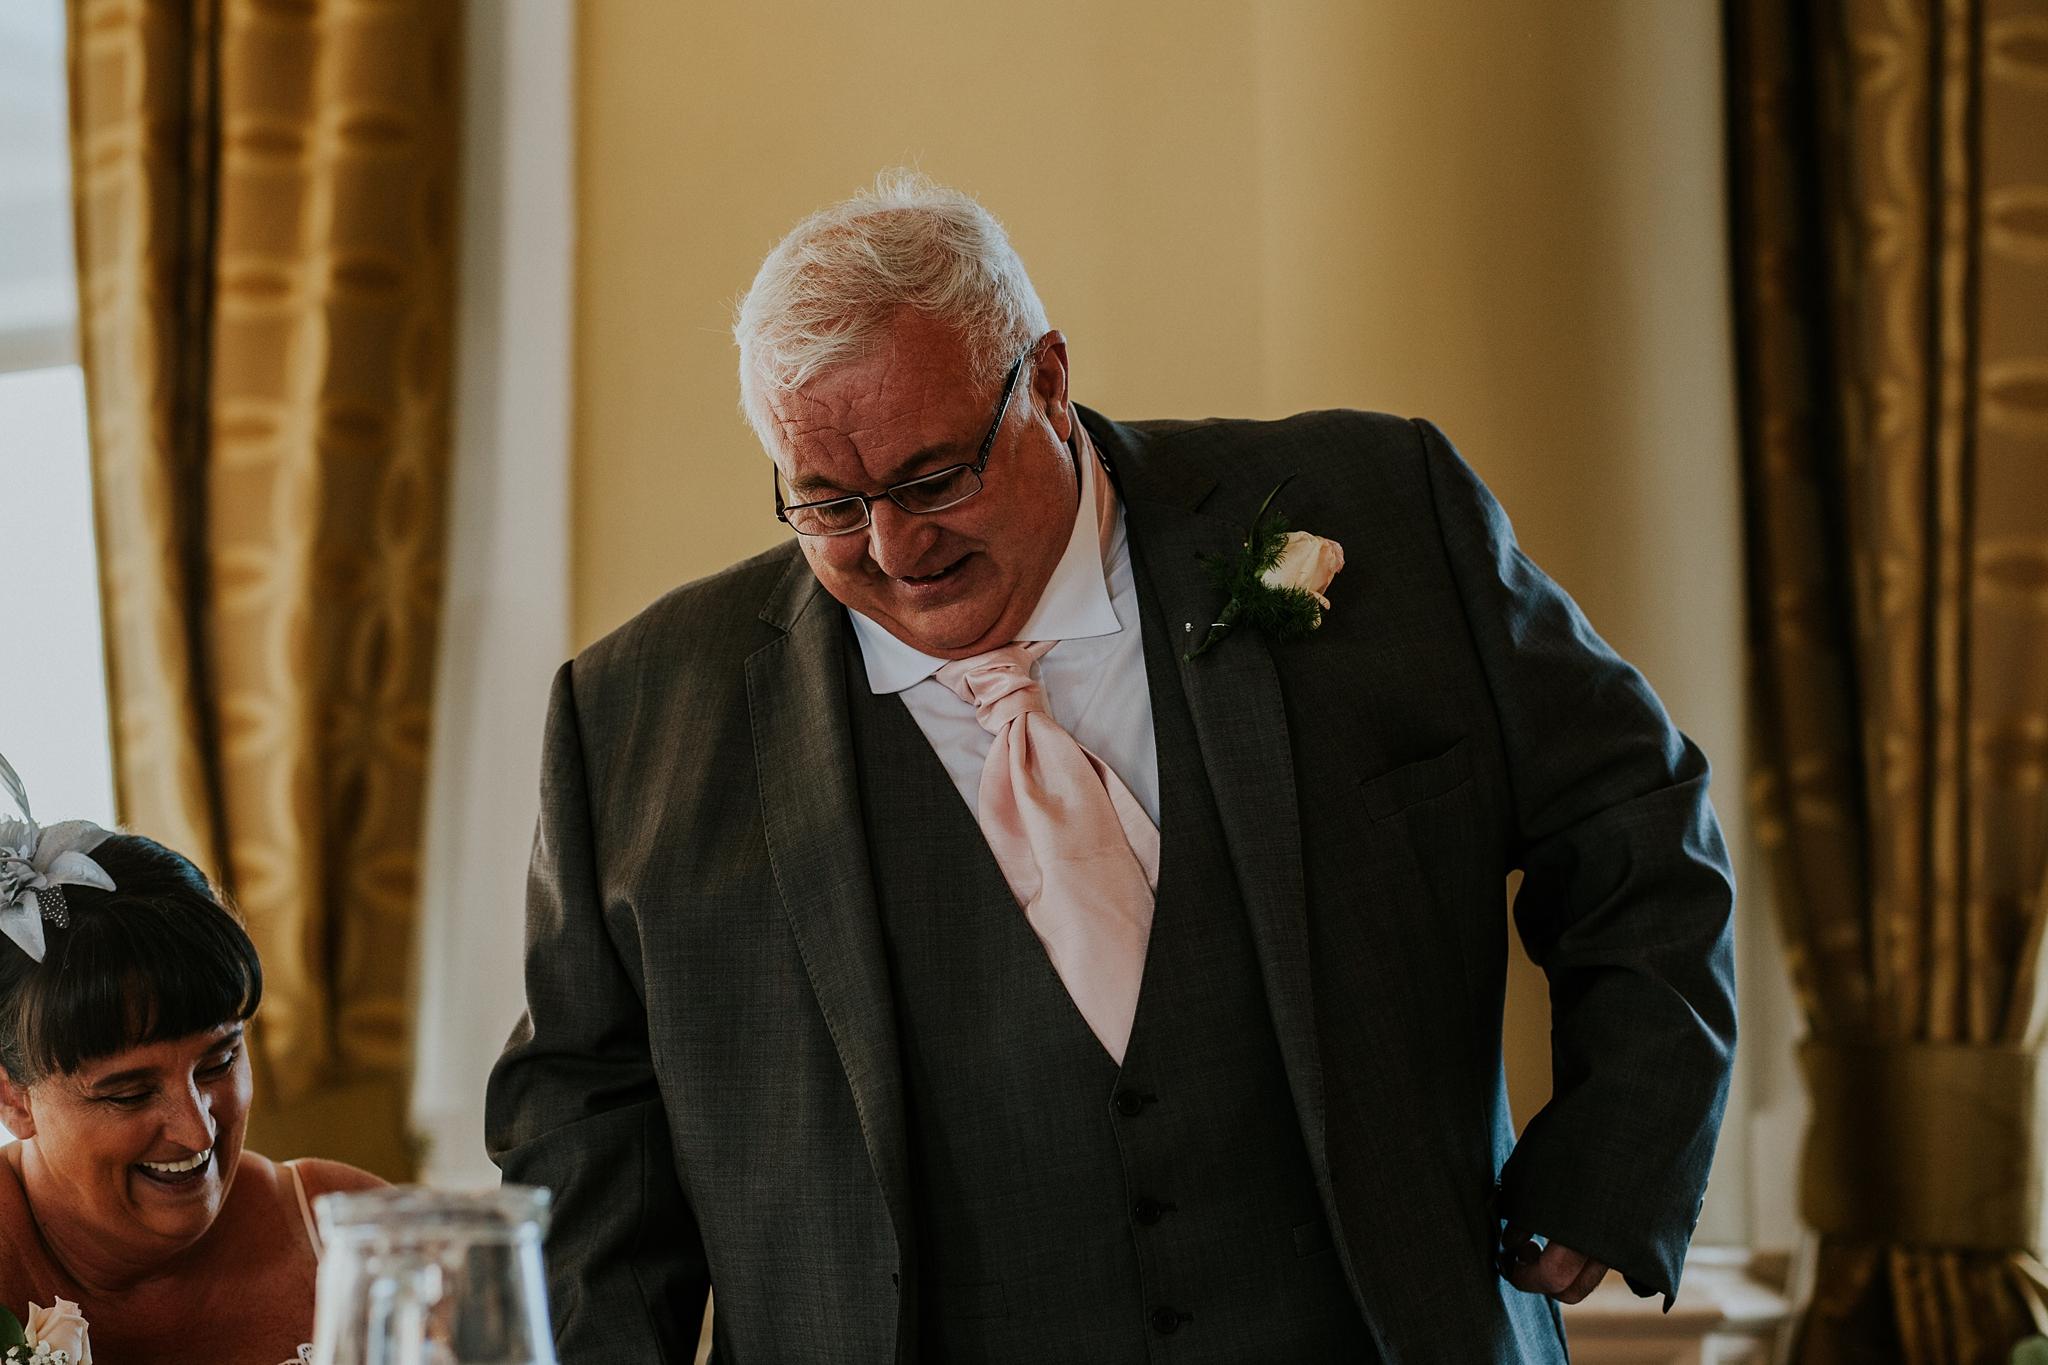 newcastle_upon_tyne_wedding_photographer-45.JPG